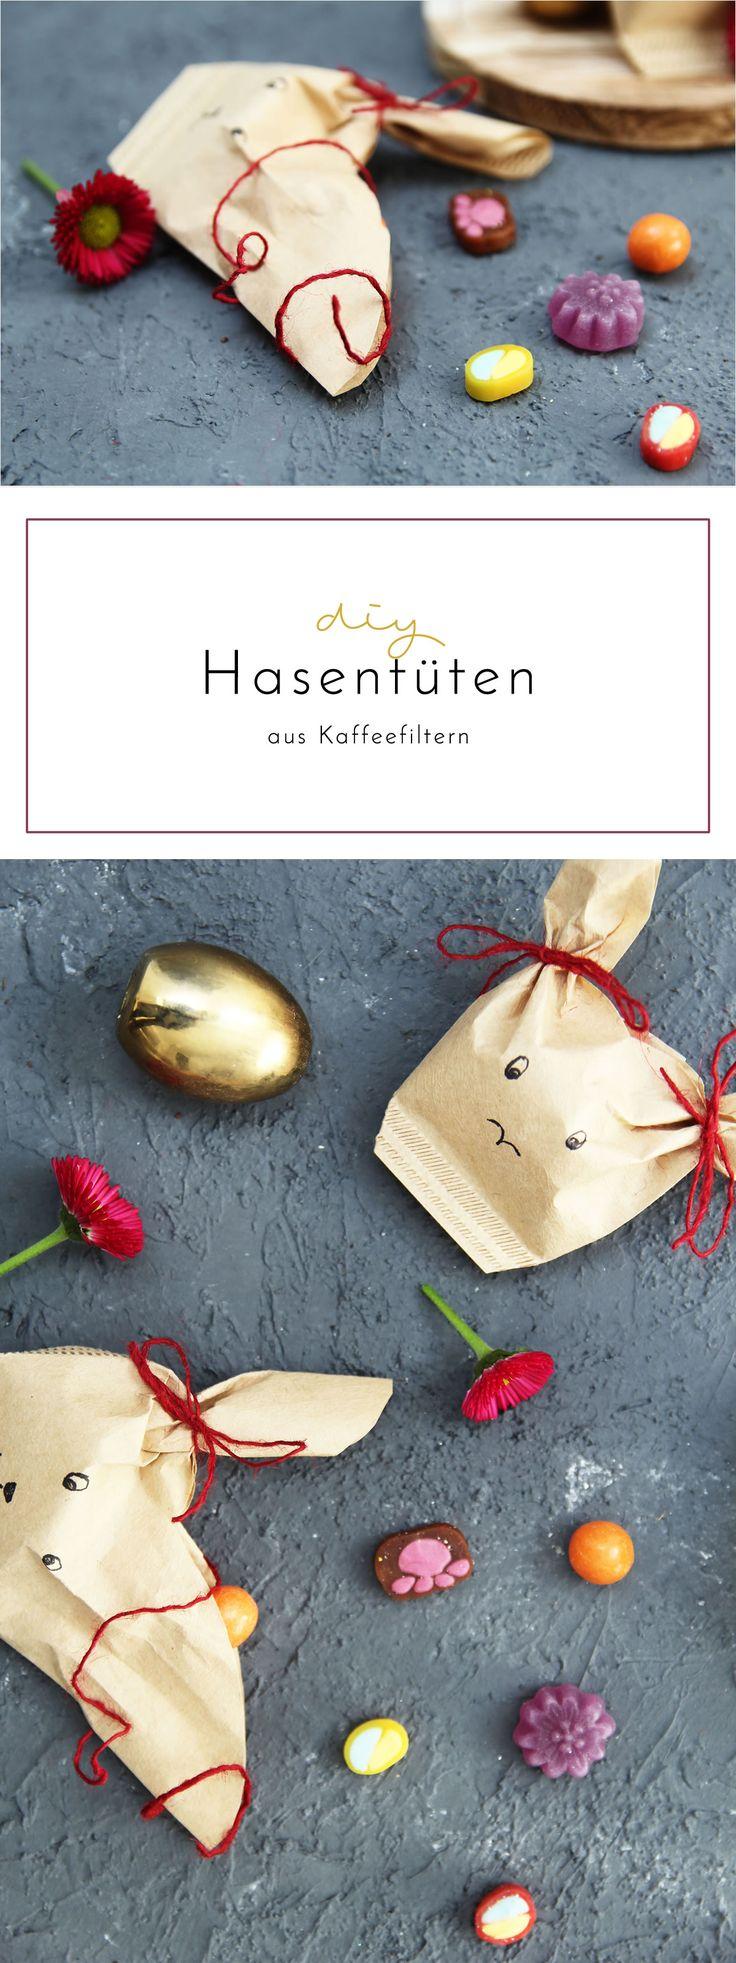 Schön schenken: Mit diesem DIY für süße Hasentüten lassen sich Ostergeschenke im Handumdrehen hübsch verpacken!